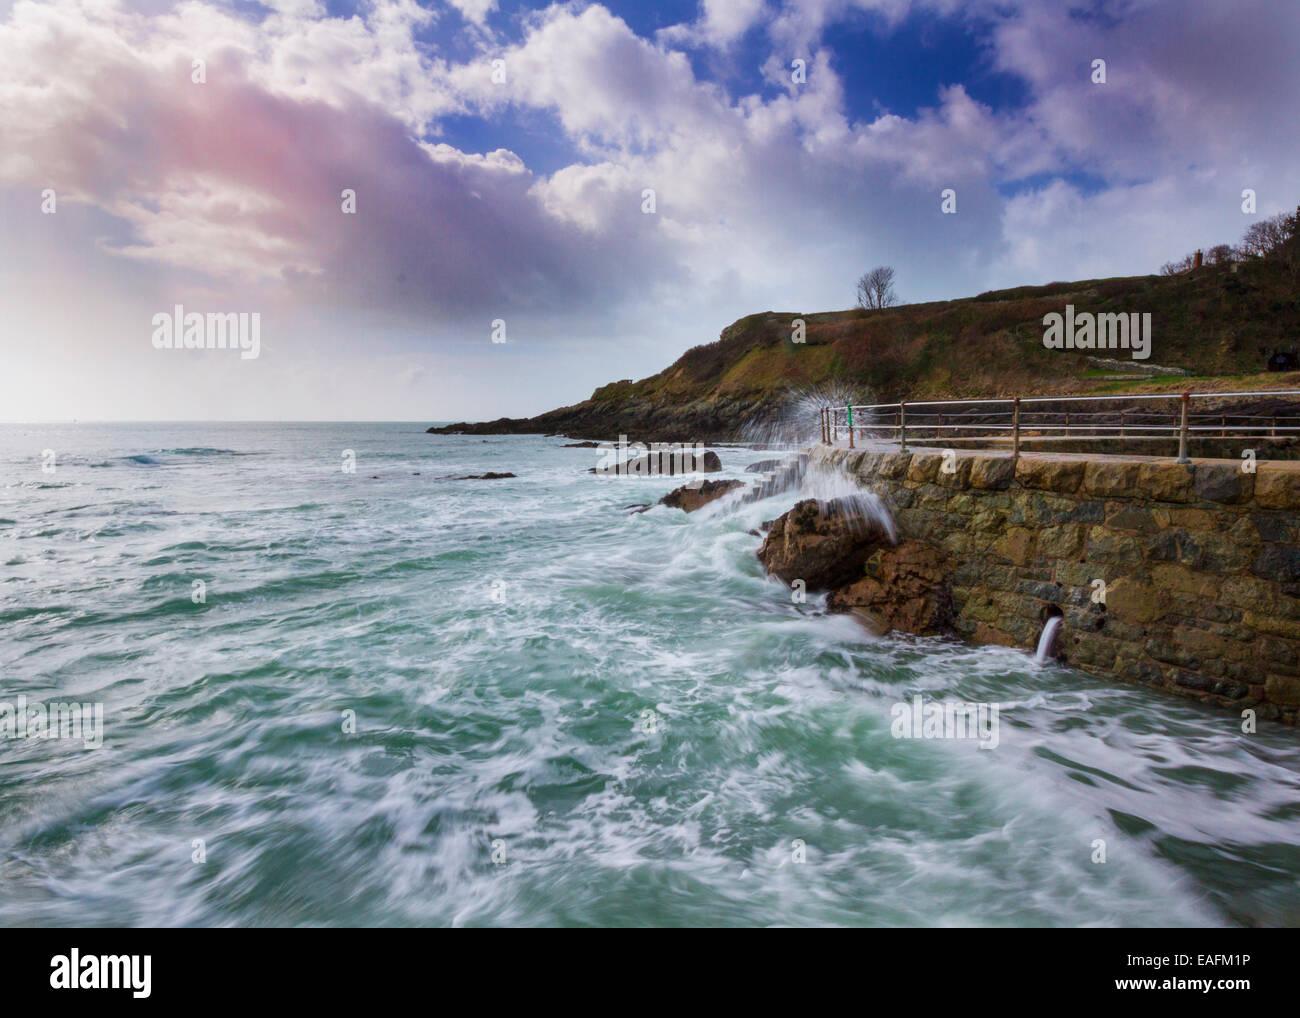 Scena costiere a Guernsey Isole del Canale della Manica UK Immagini Stock